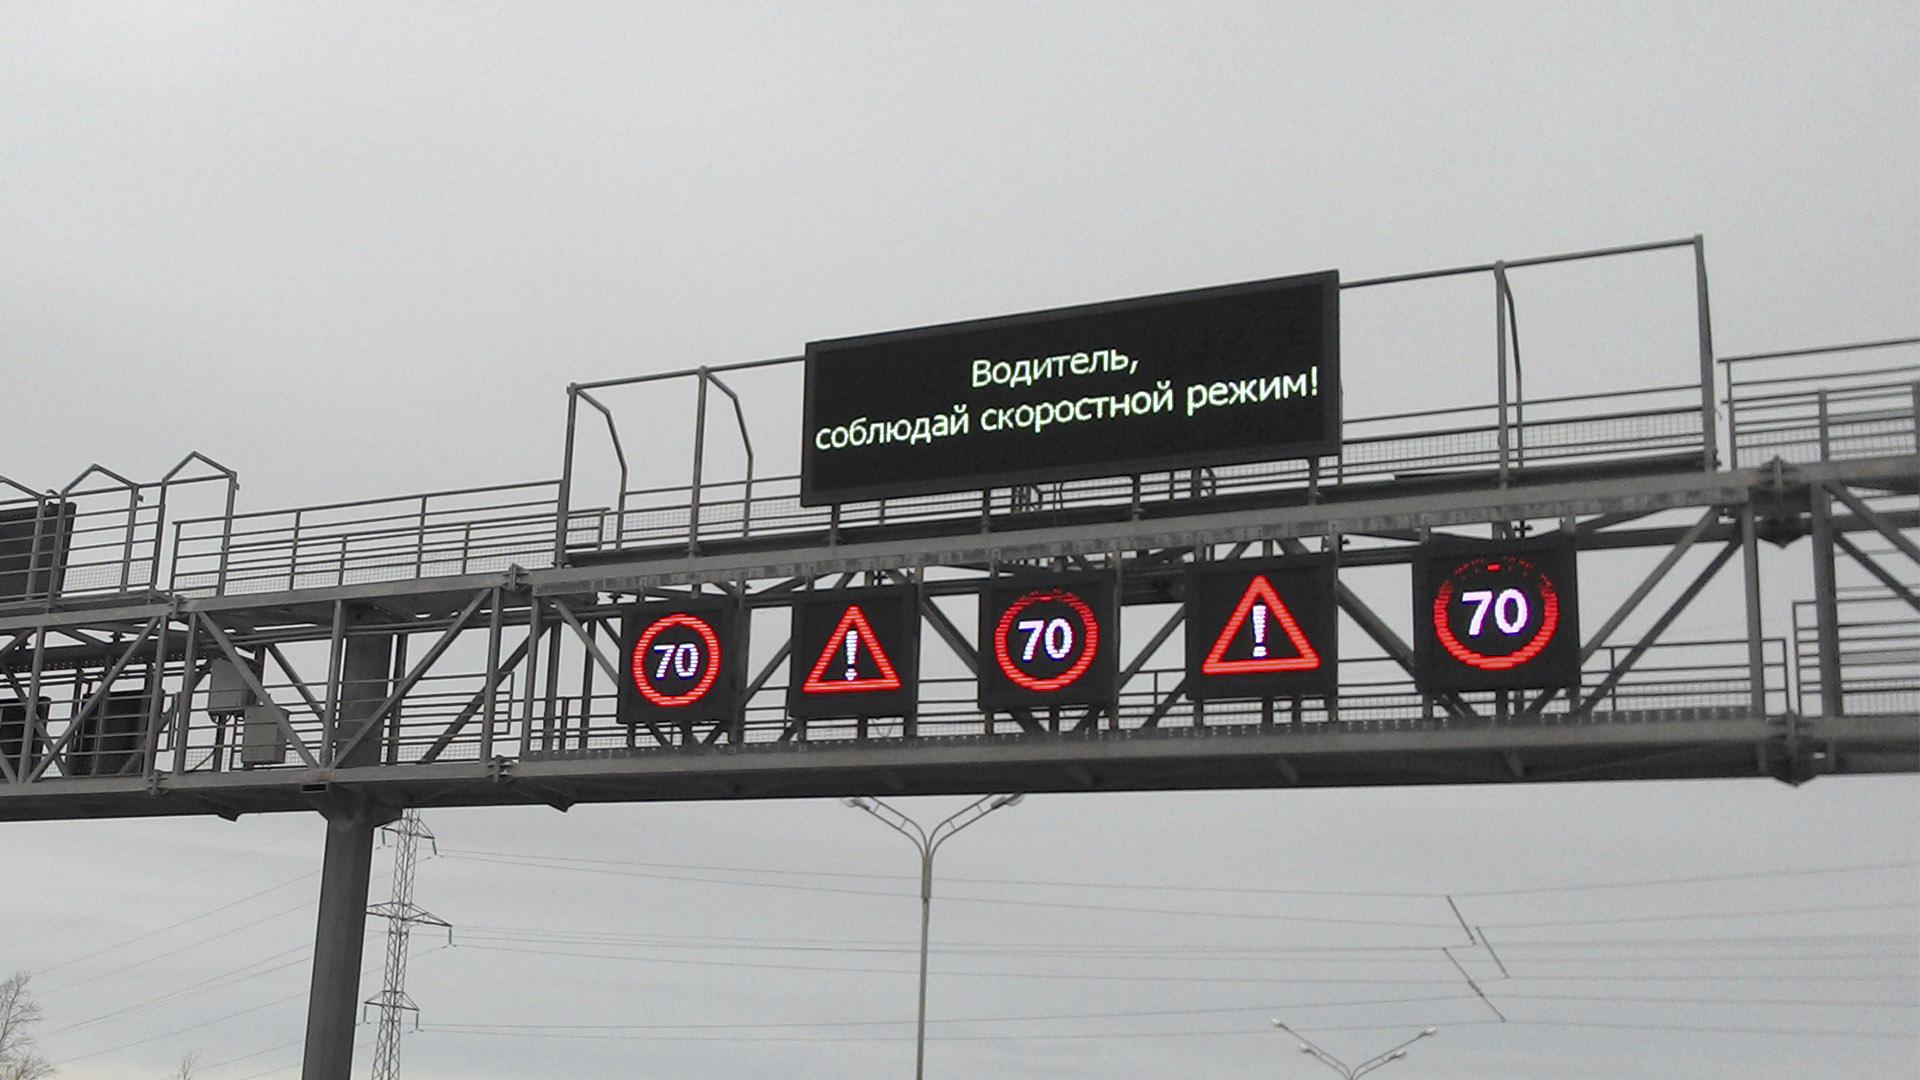 В России начали тестировать динамические дорожные знаки